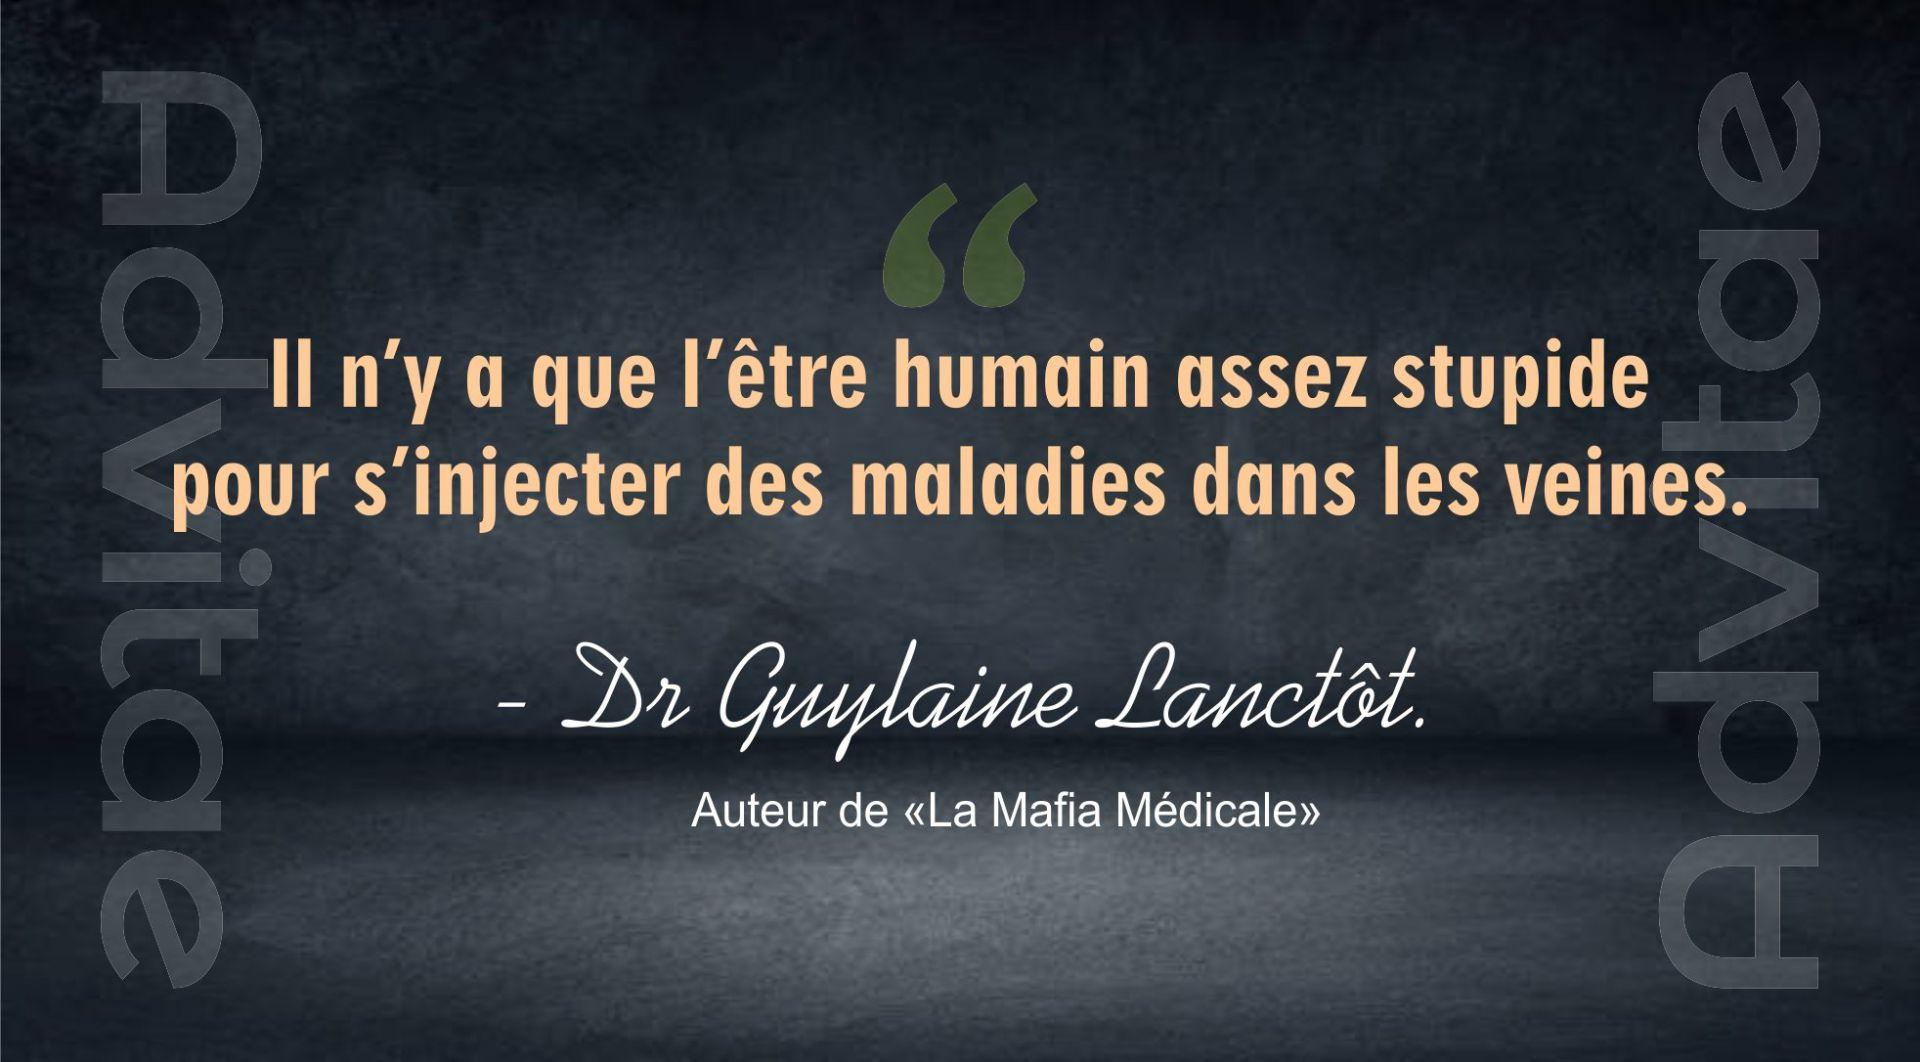 G. Lanctôt: Seul l'humain est assez stupide pour s'injecter des maladies dans les veines